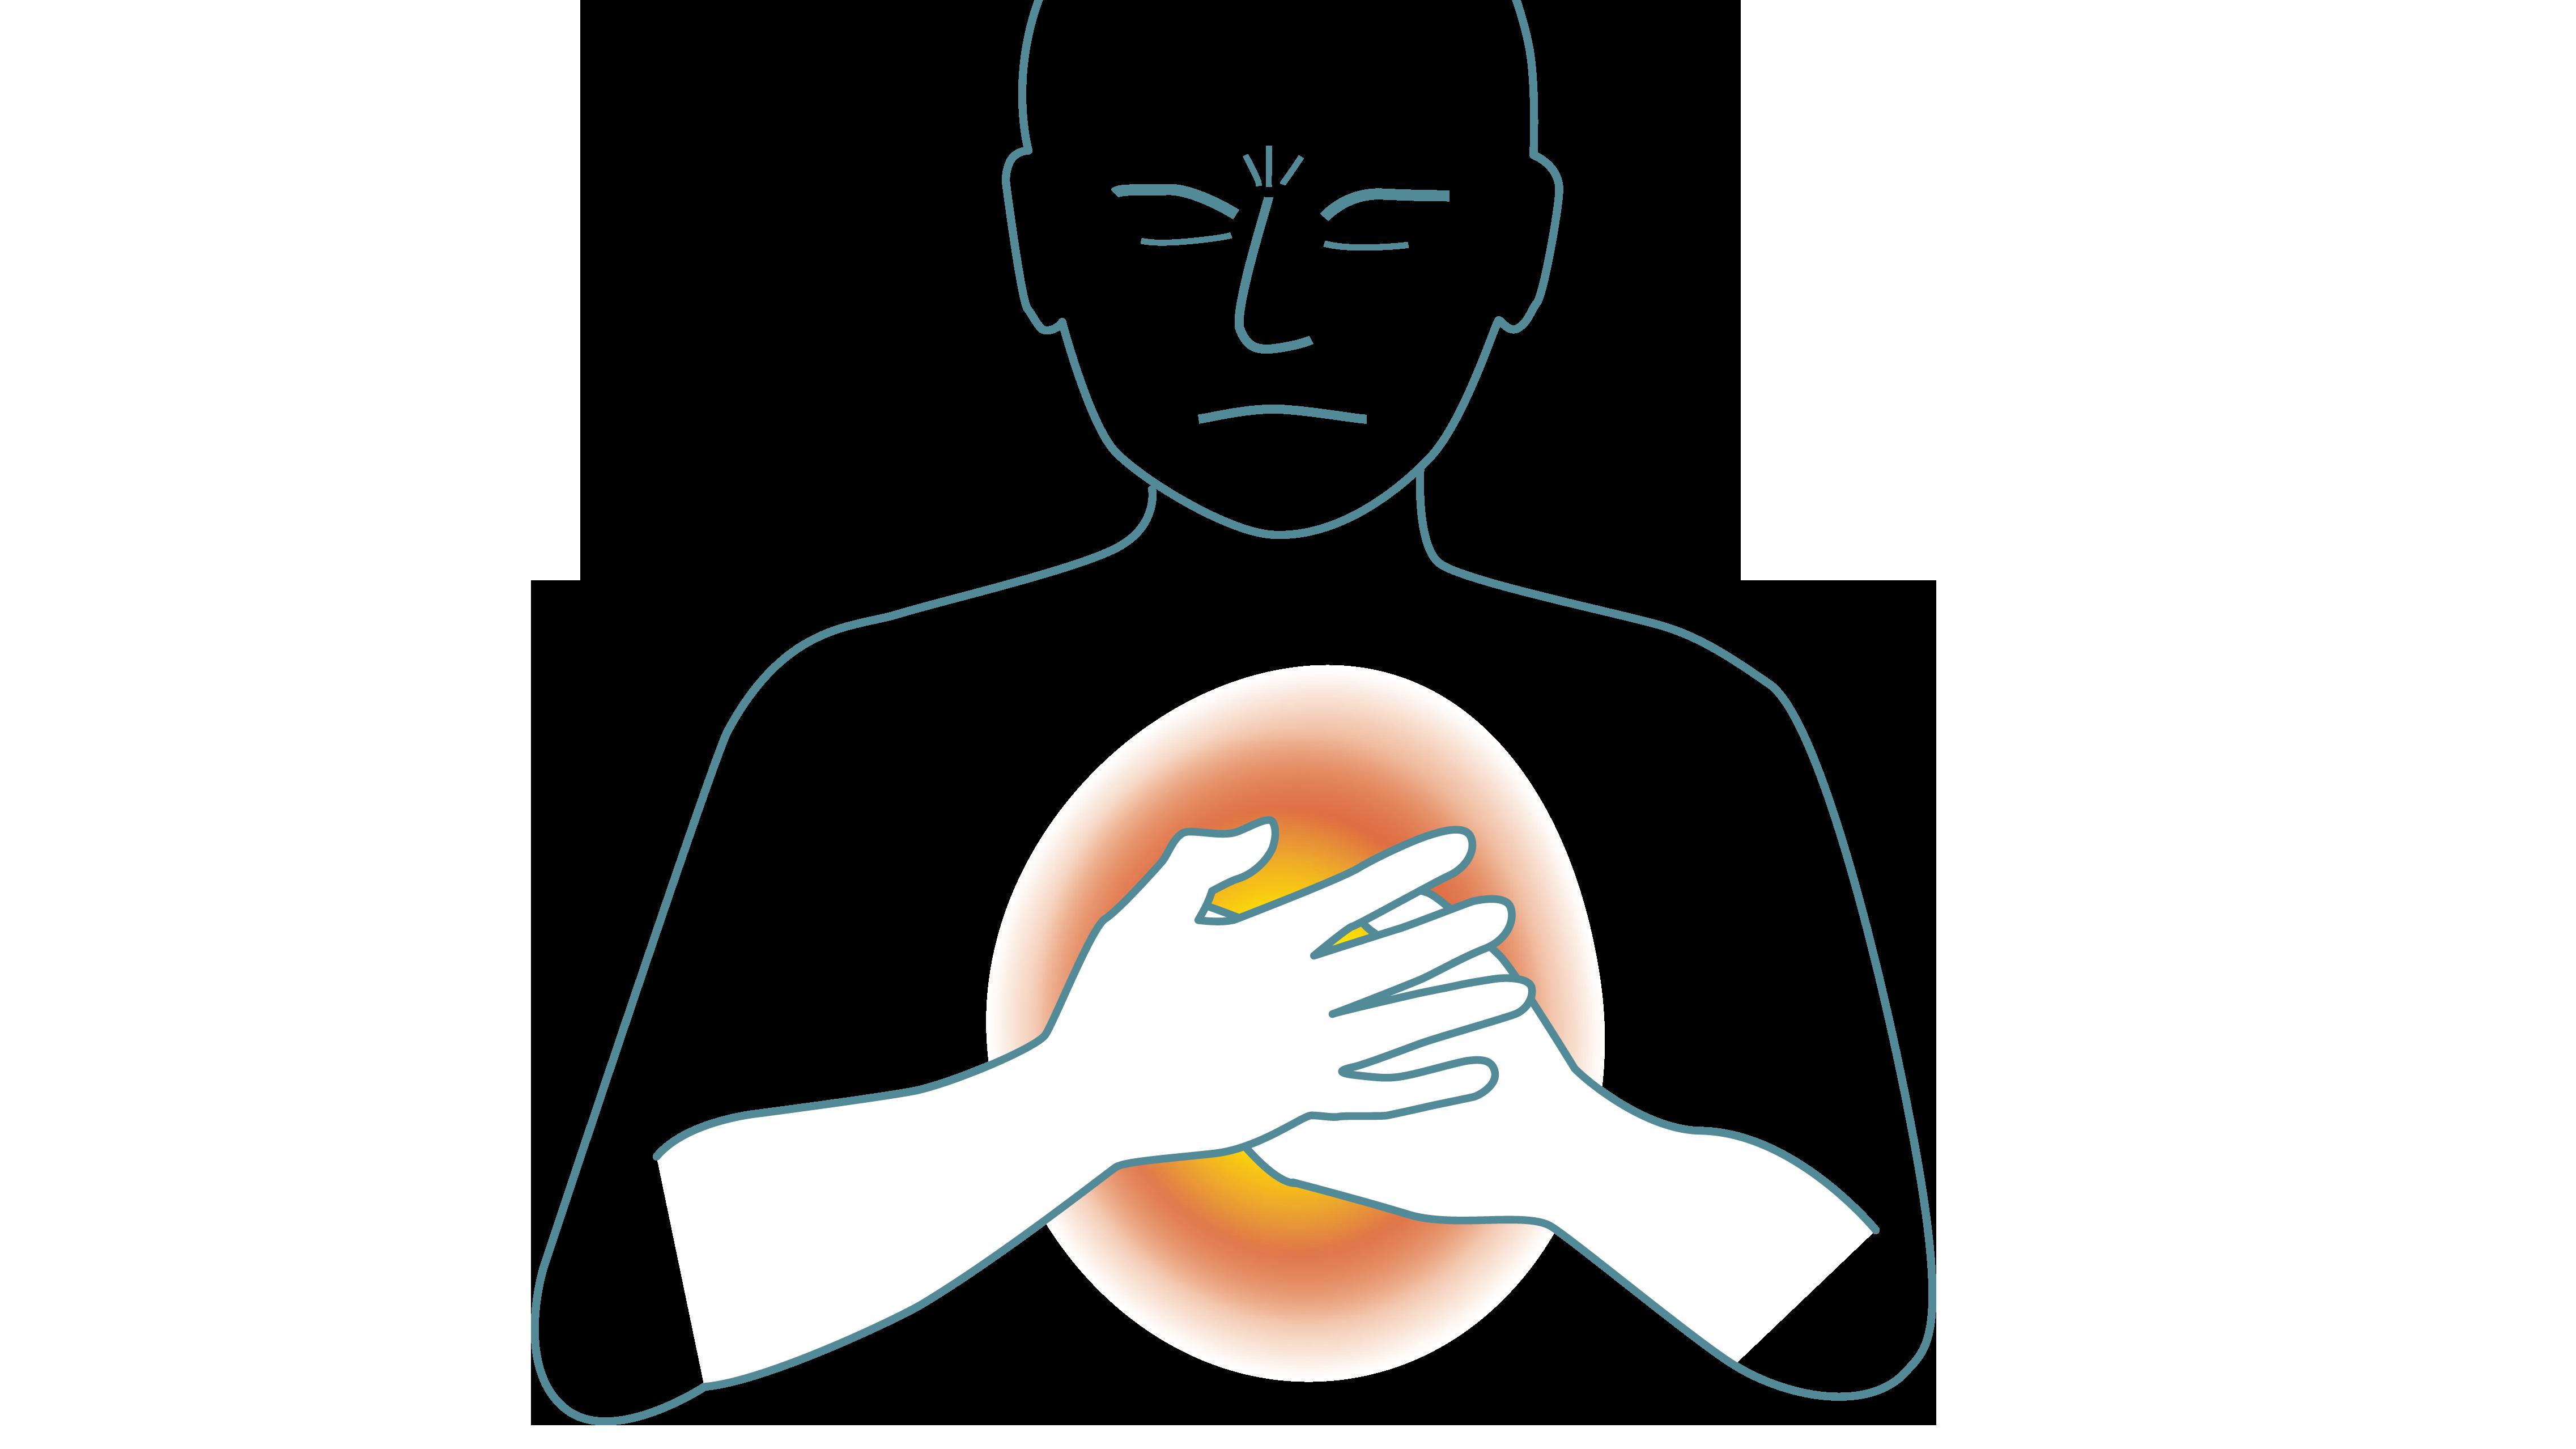 smärta under vänstra bröstet